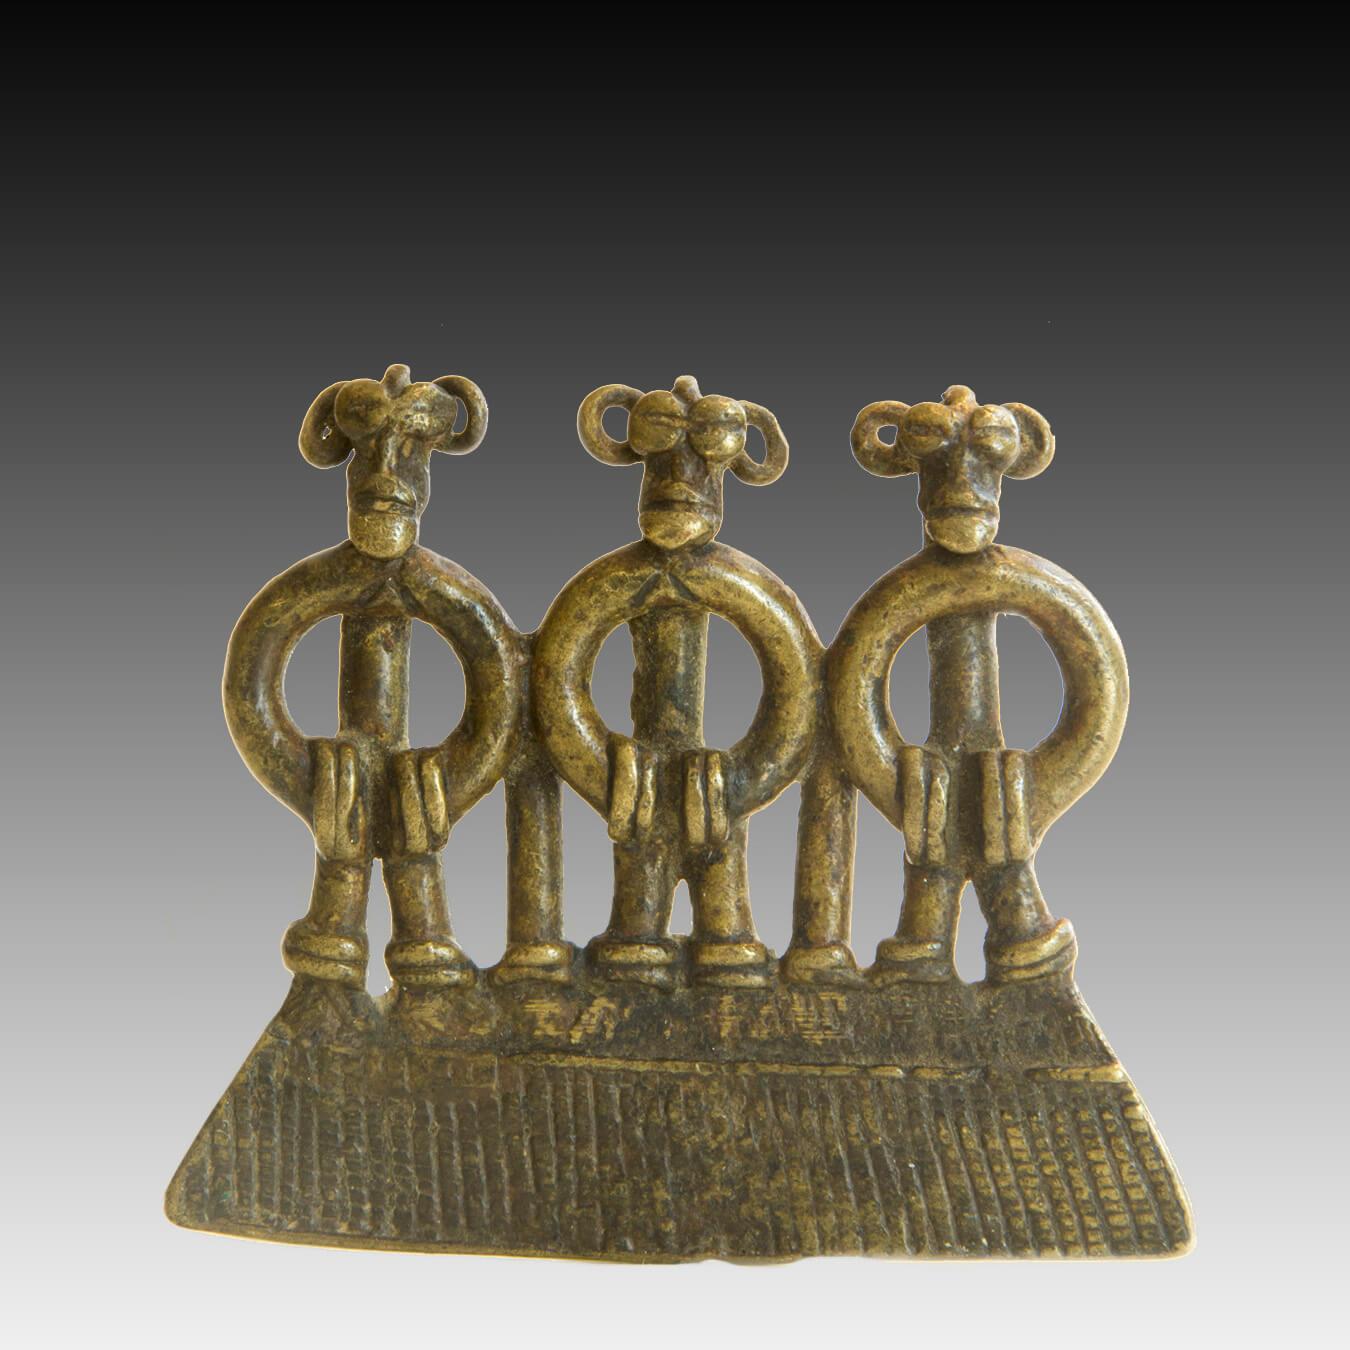 A Senufo pendant